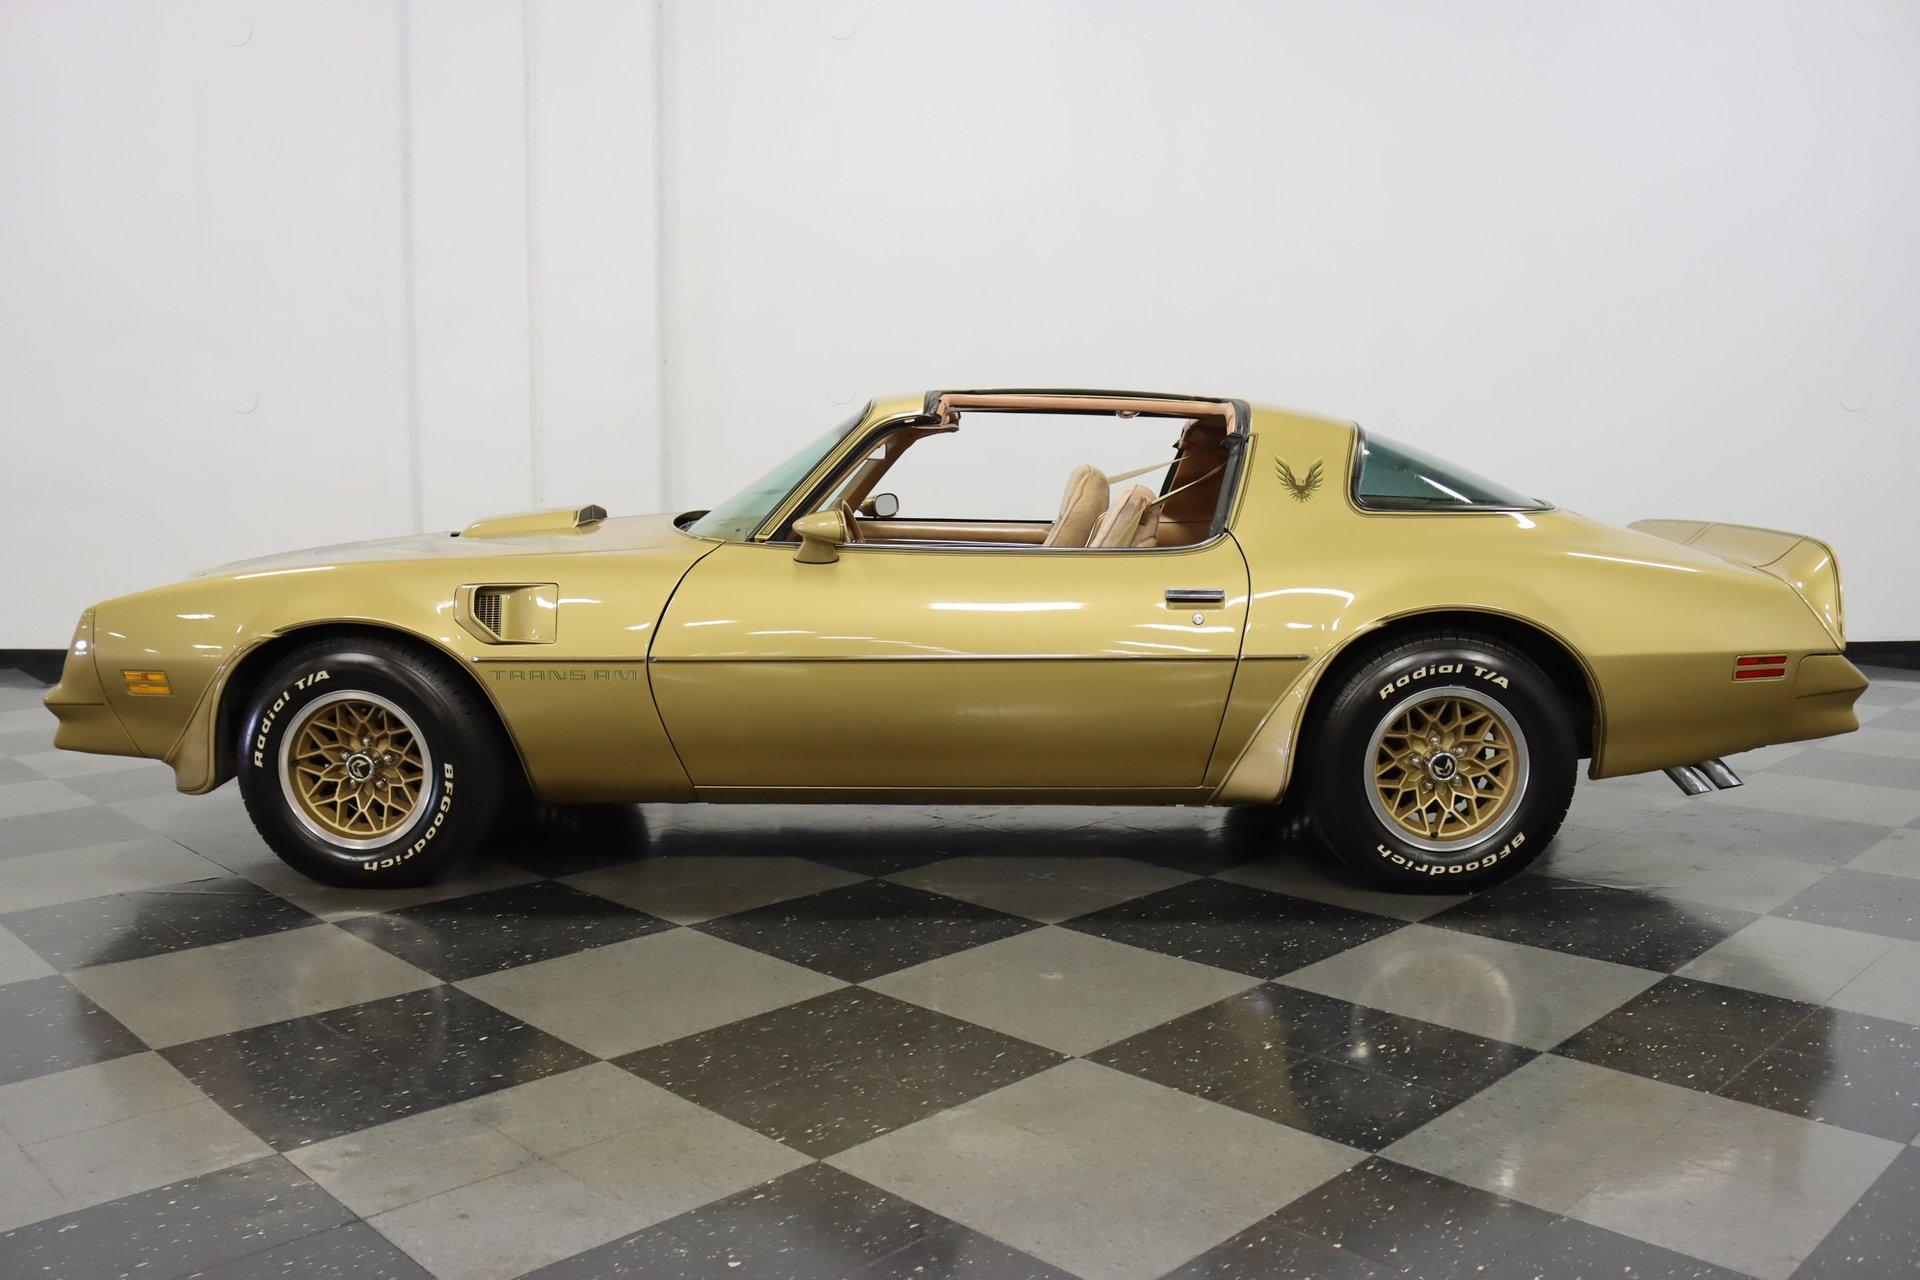 1978 pontiac firebird trans am y88 special gold edition